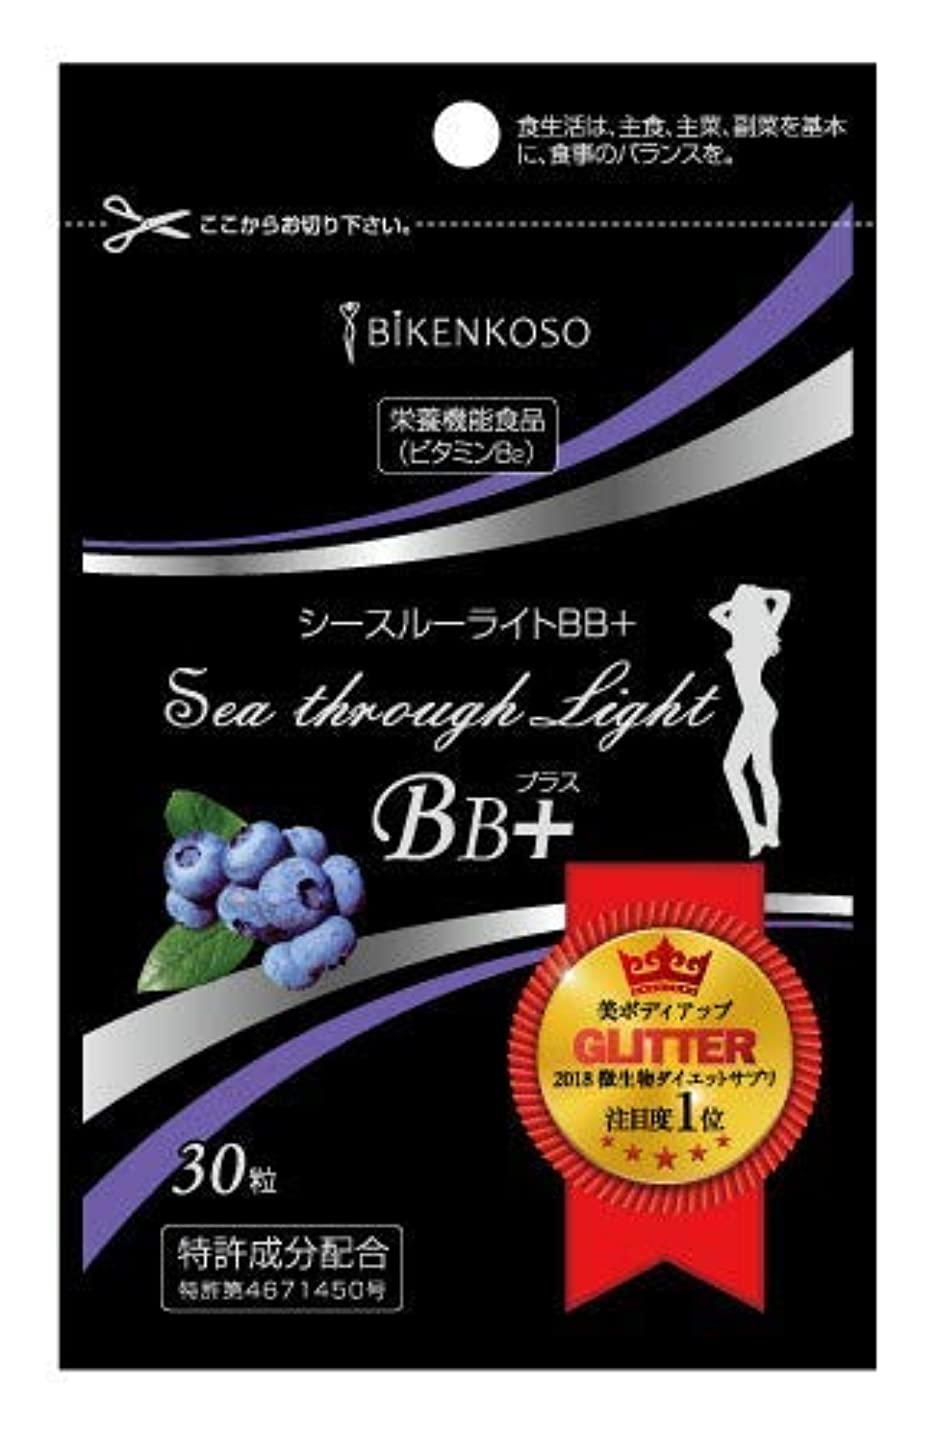 不確実宗教装置シースルーライトBBプラス (30粒)  乳酸菌 酵素サプリ 酵母サプリ 日本製